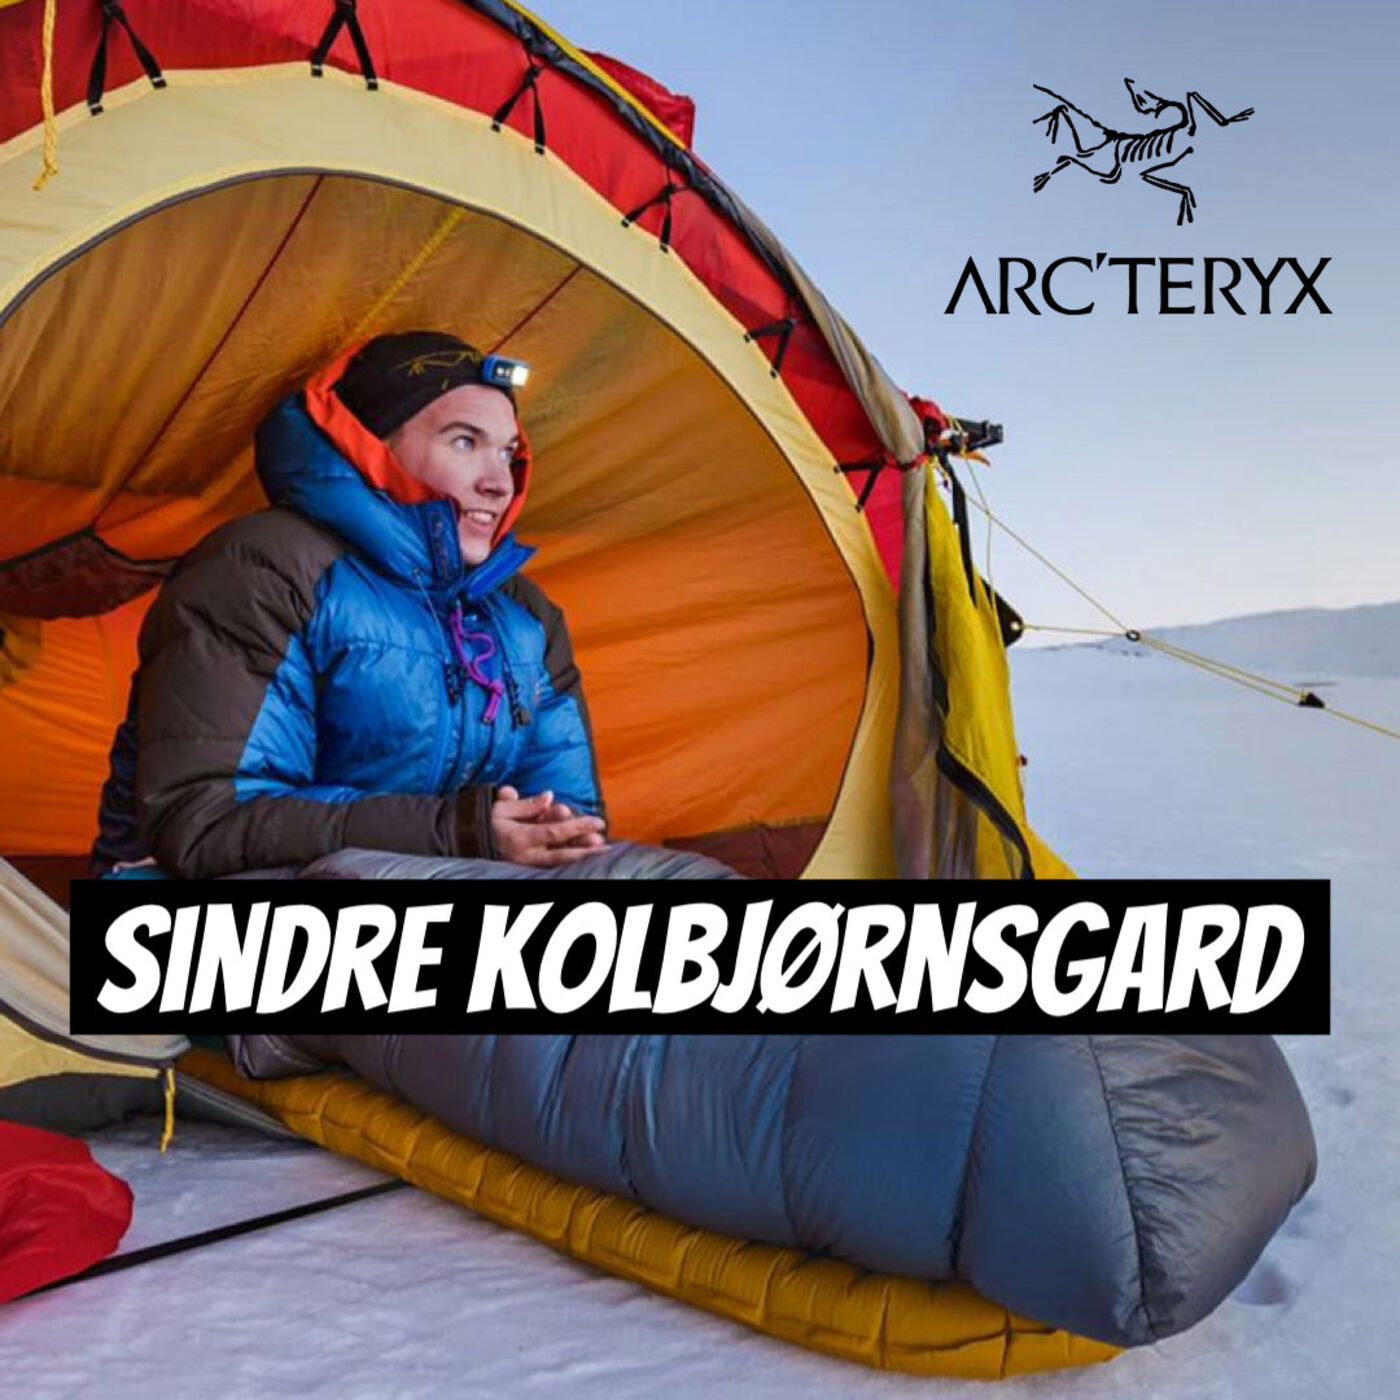 #113 - Sindre Kolbjørnsgard | Eventyrer, fotograf og filmskaper